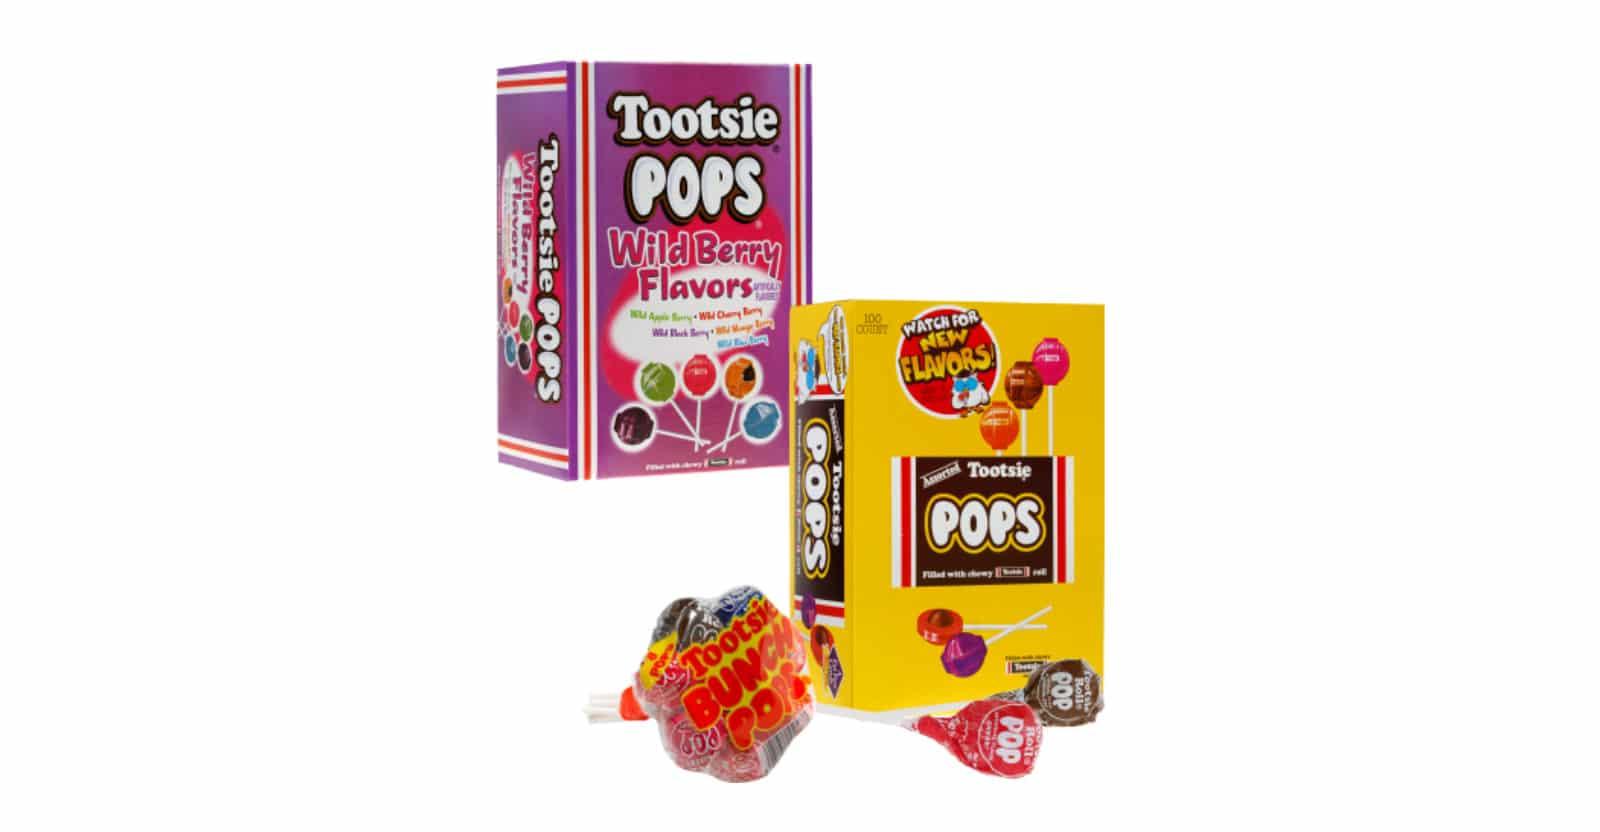 are tootsie pops gluten-free